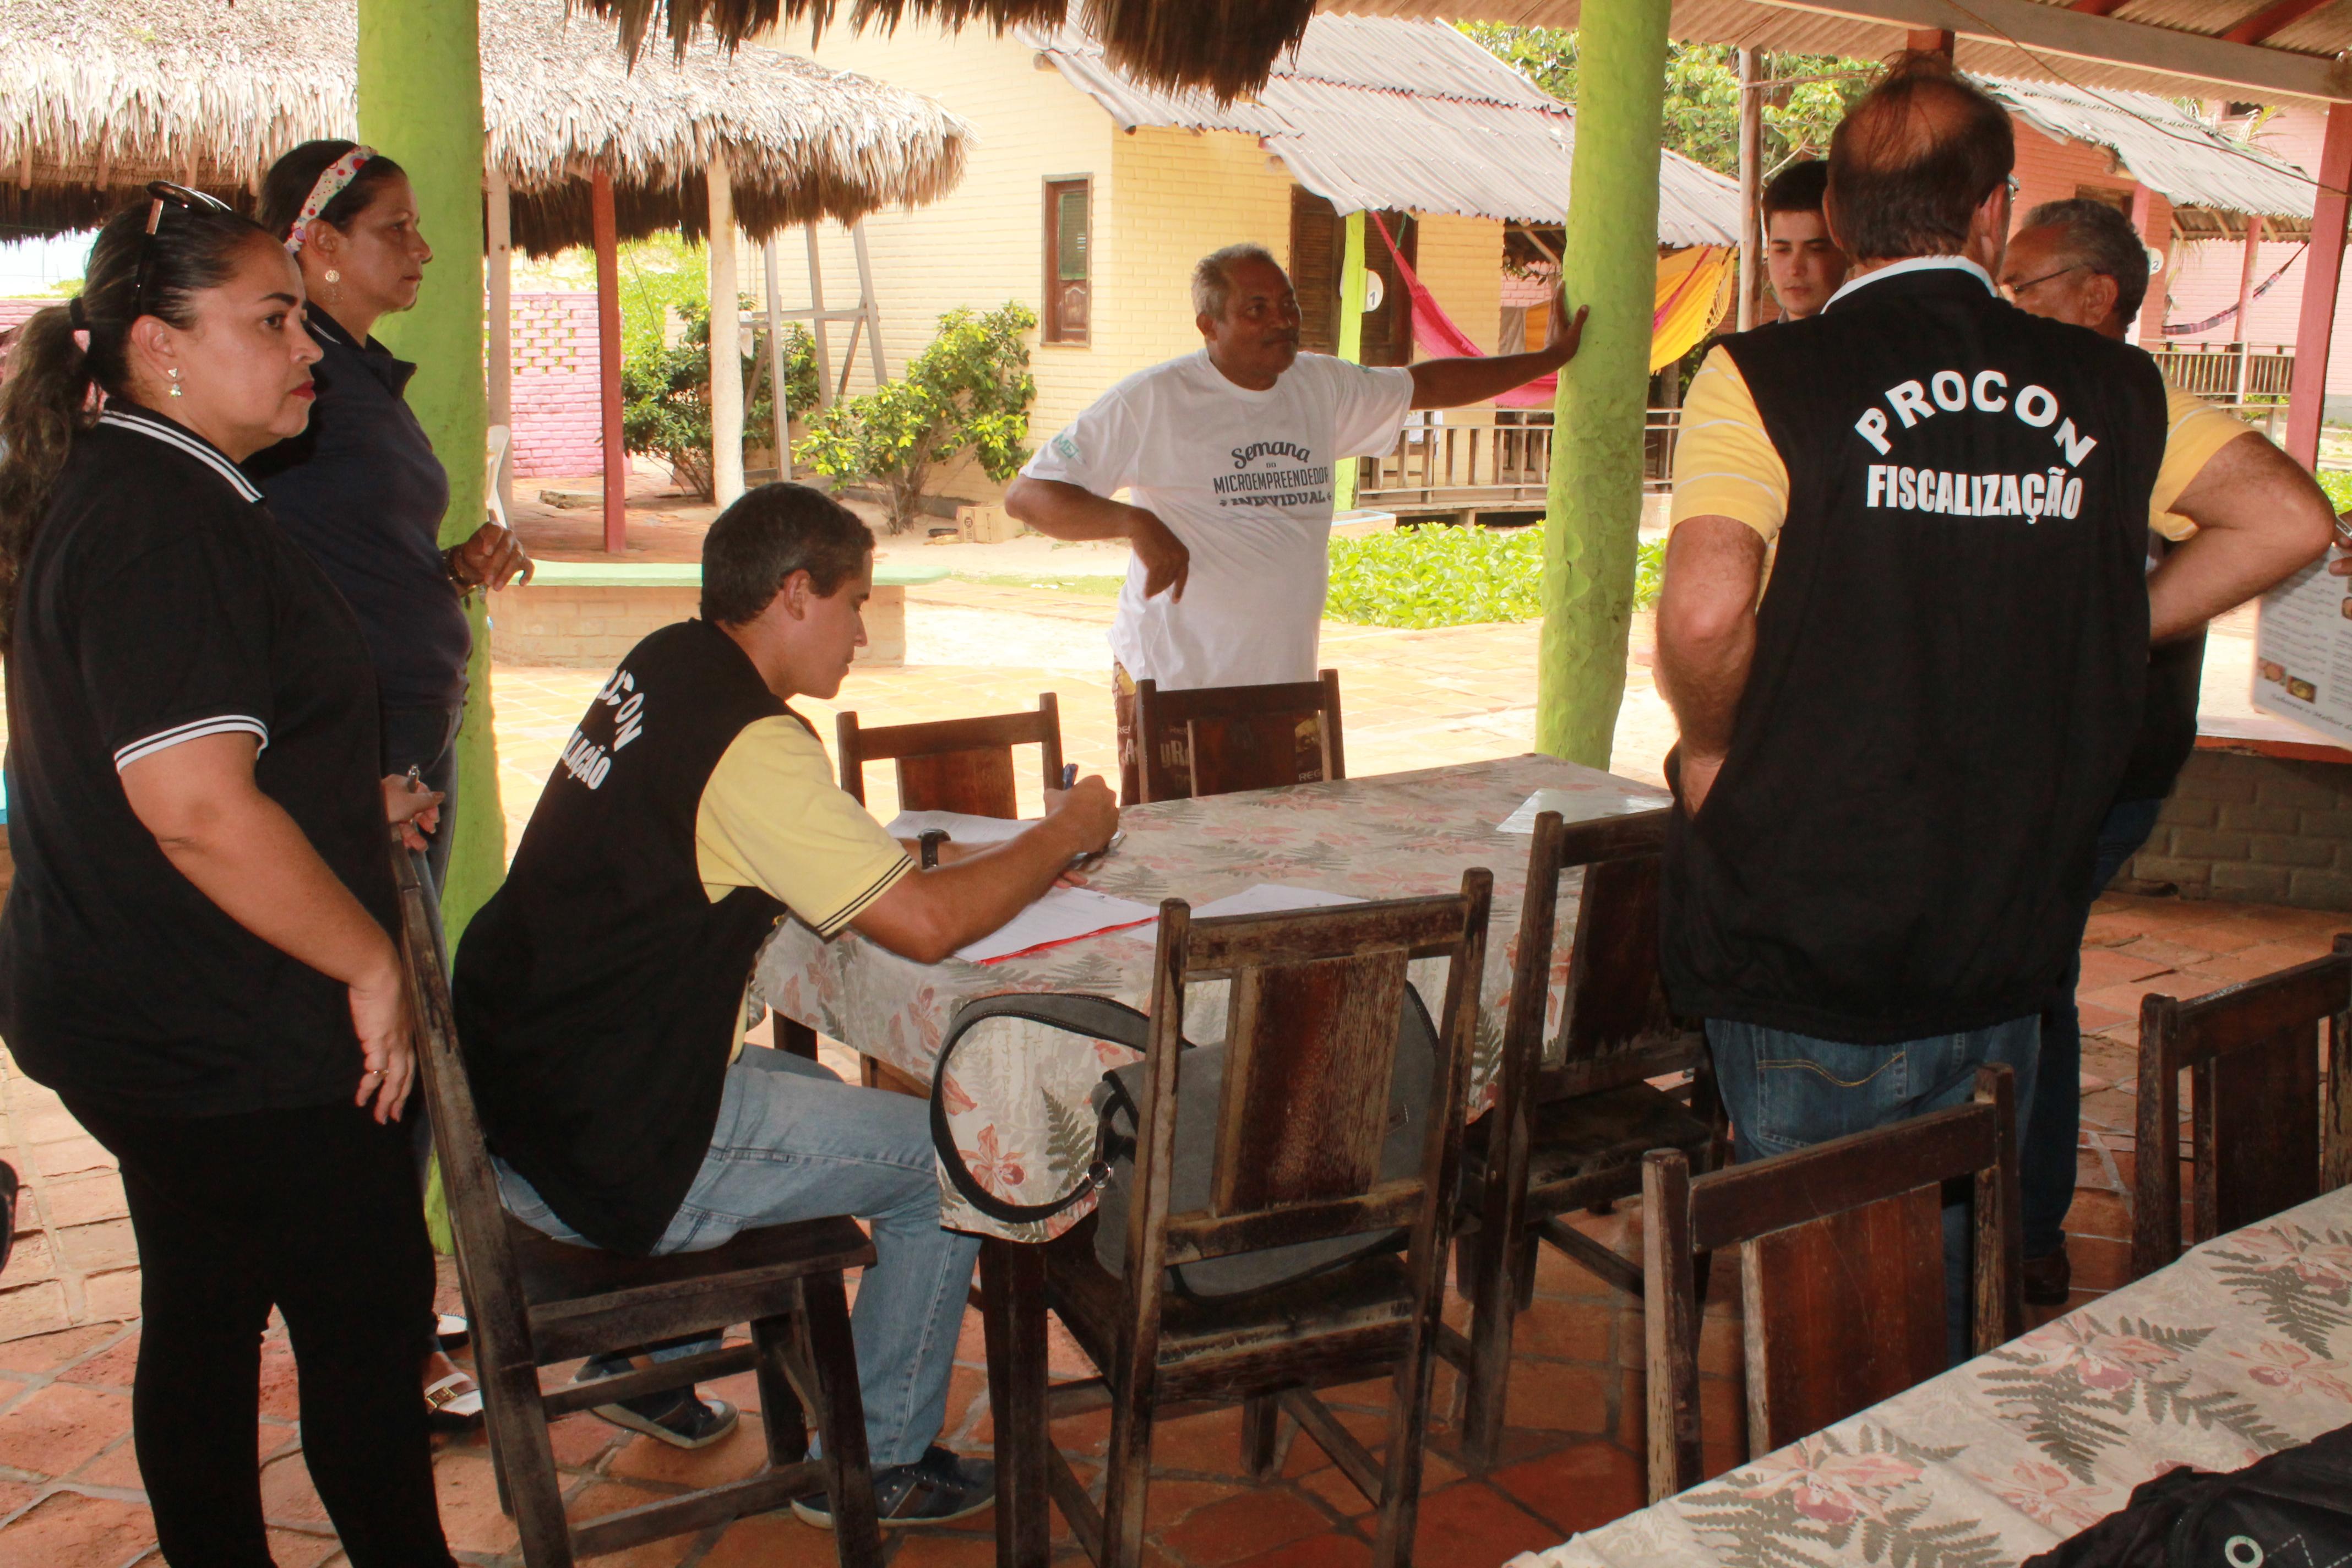 Foto 1 - PROCON MA inicia fiscalização em Bares e restaurantes de Barreirinhas